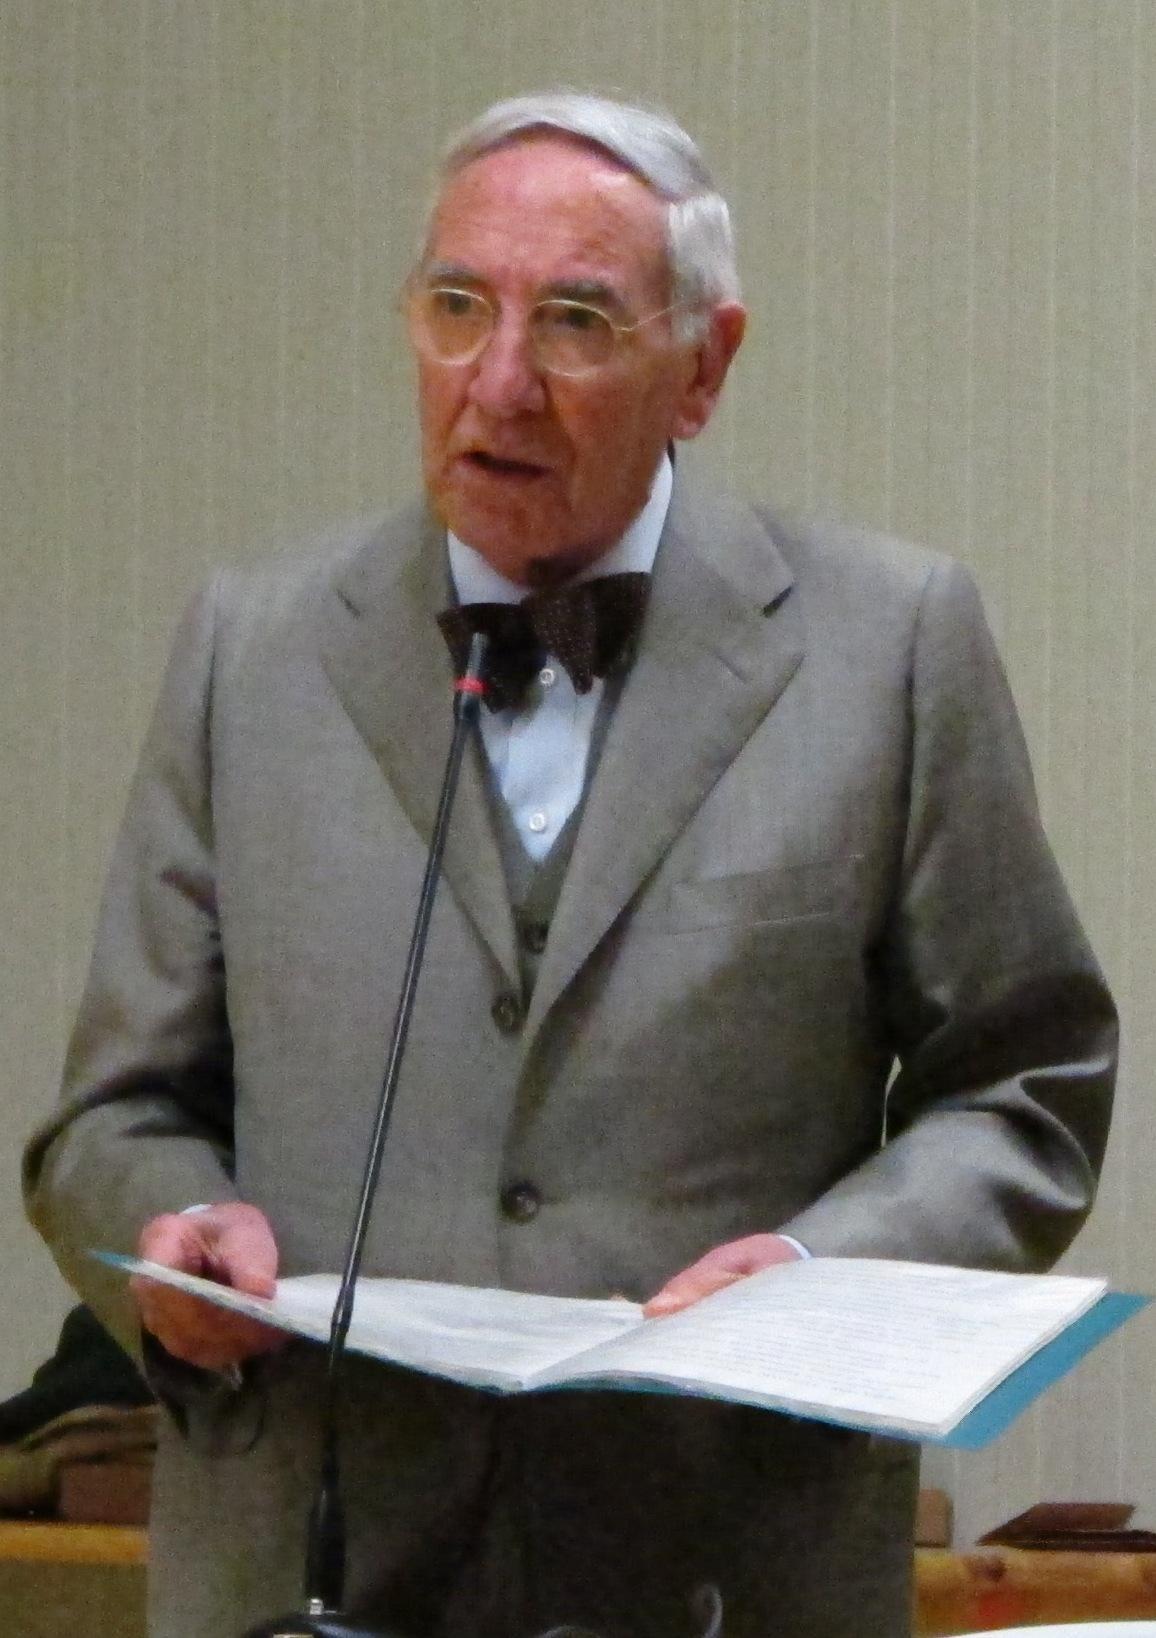 Scomparso il giornalista Amedeo Esposito, il cordoglio del sindaco dell'Aquila